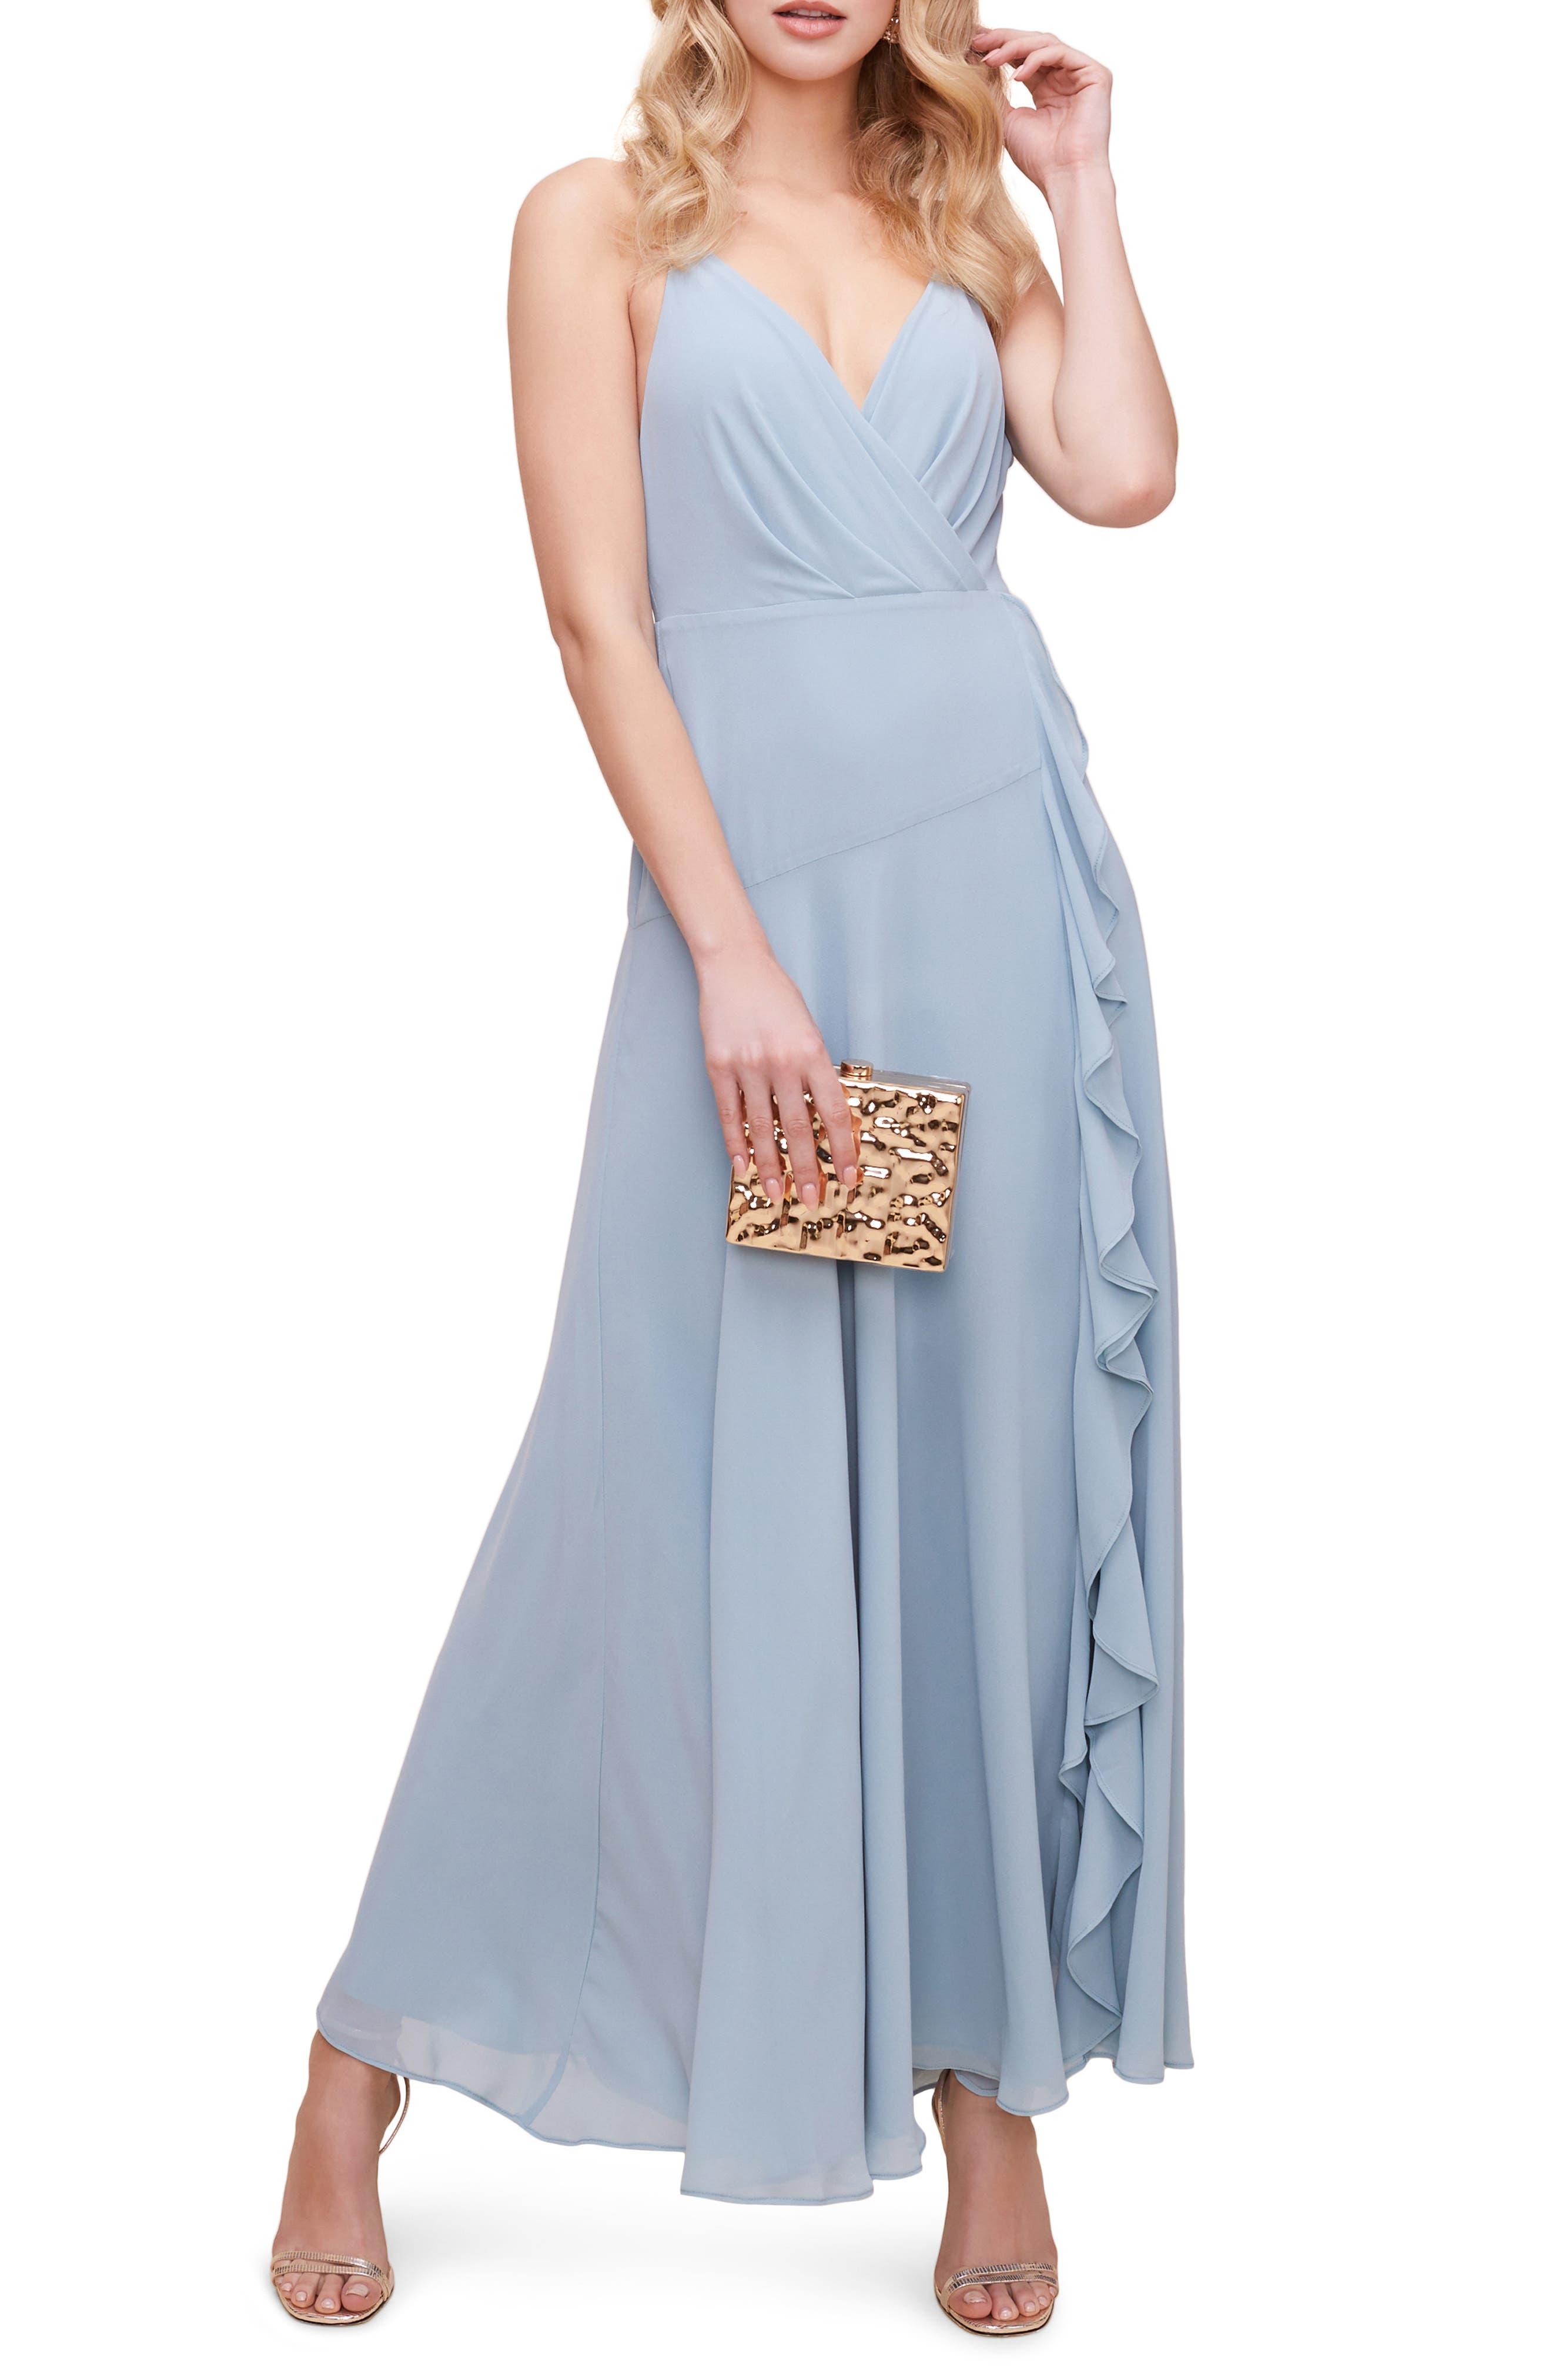 Floral Ruffle Detail Maxi Dress